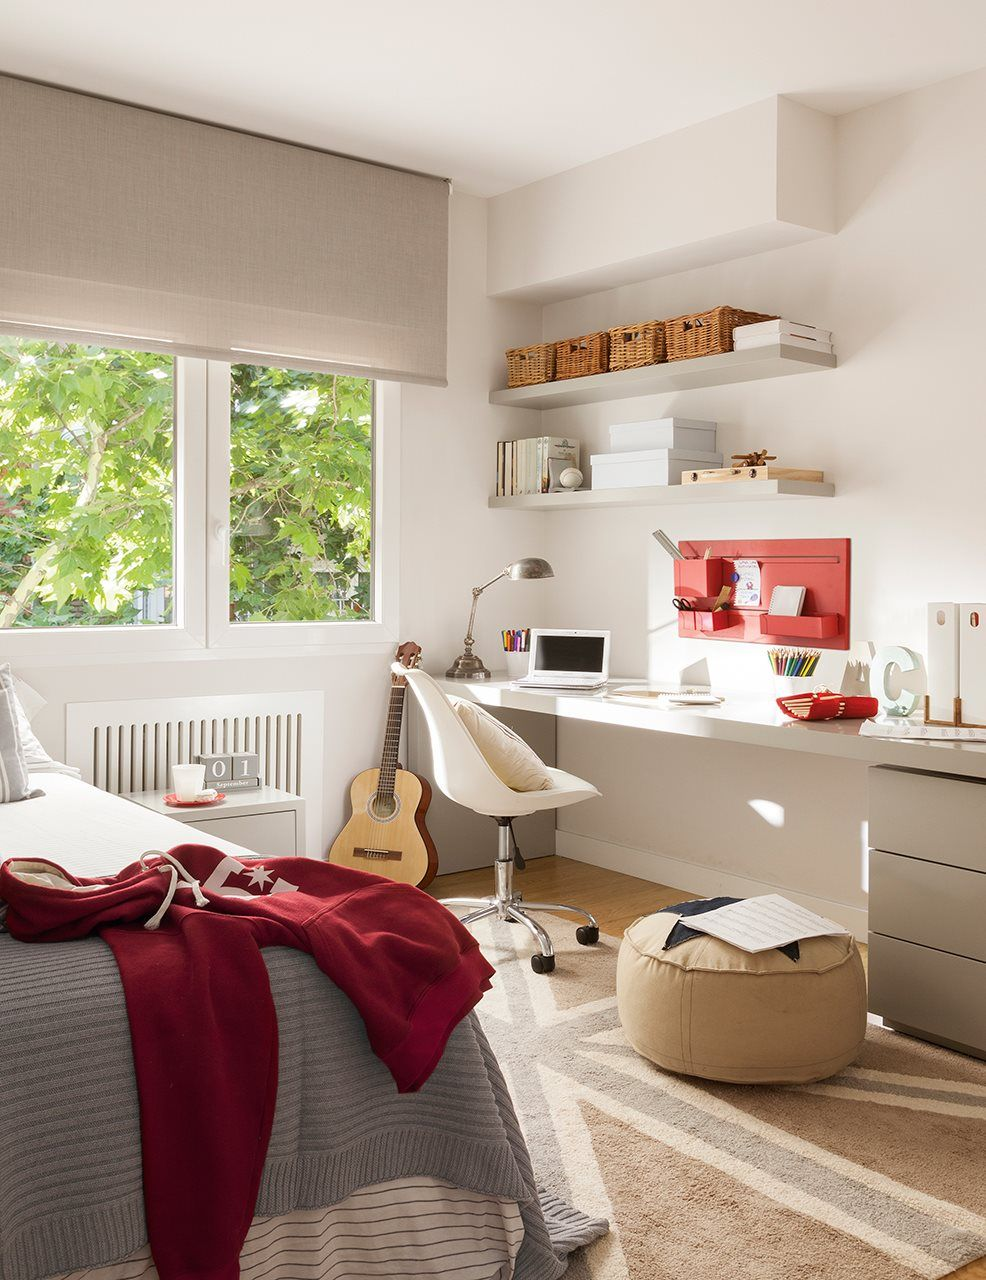 En 2019 cool ideas muebles dormitorio for Ideas habitaciones juveniles